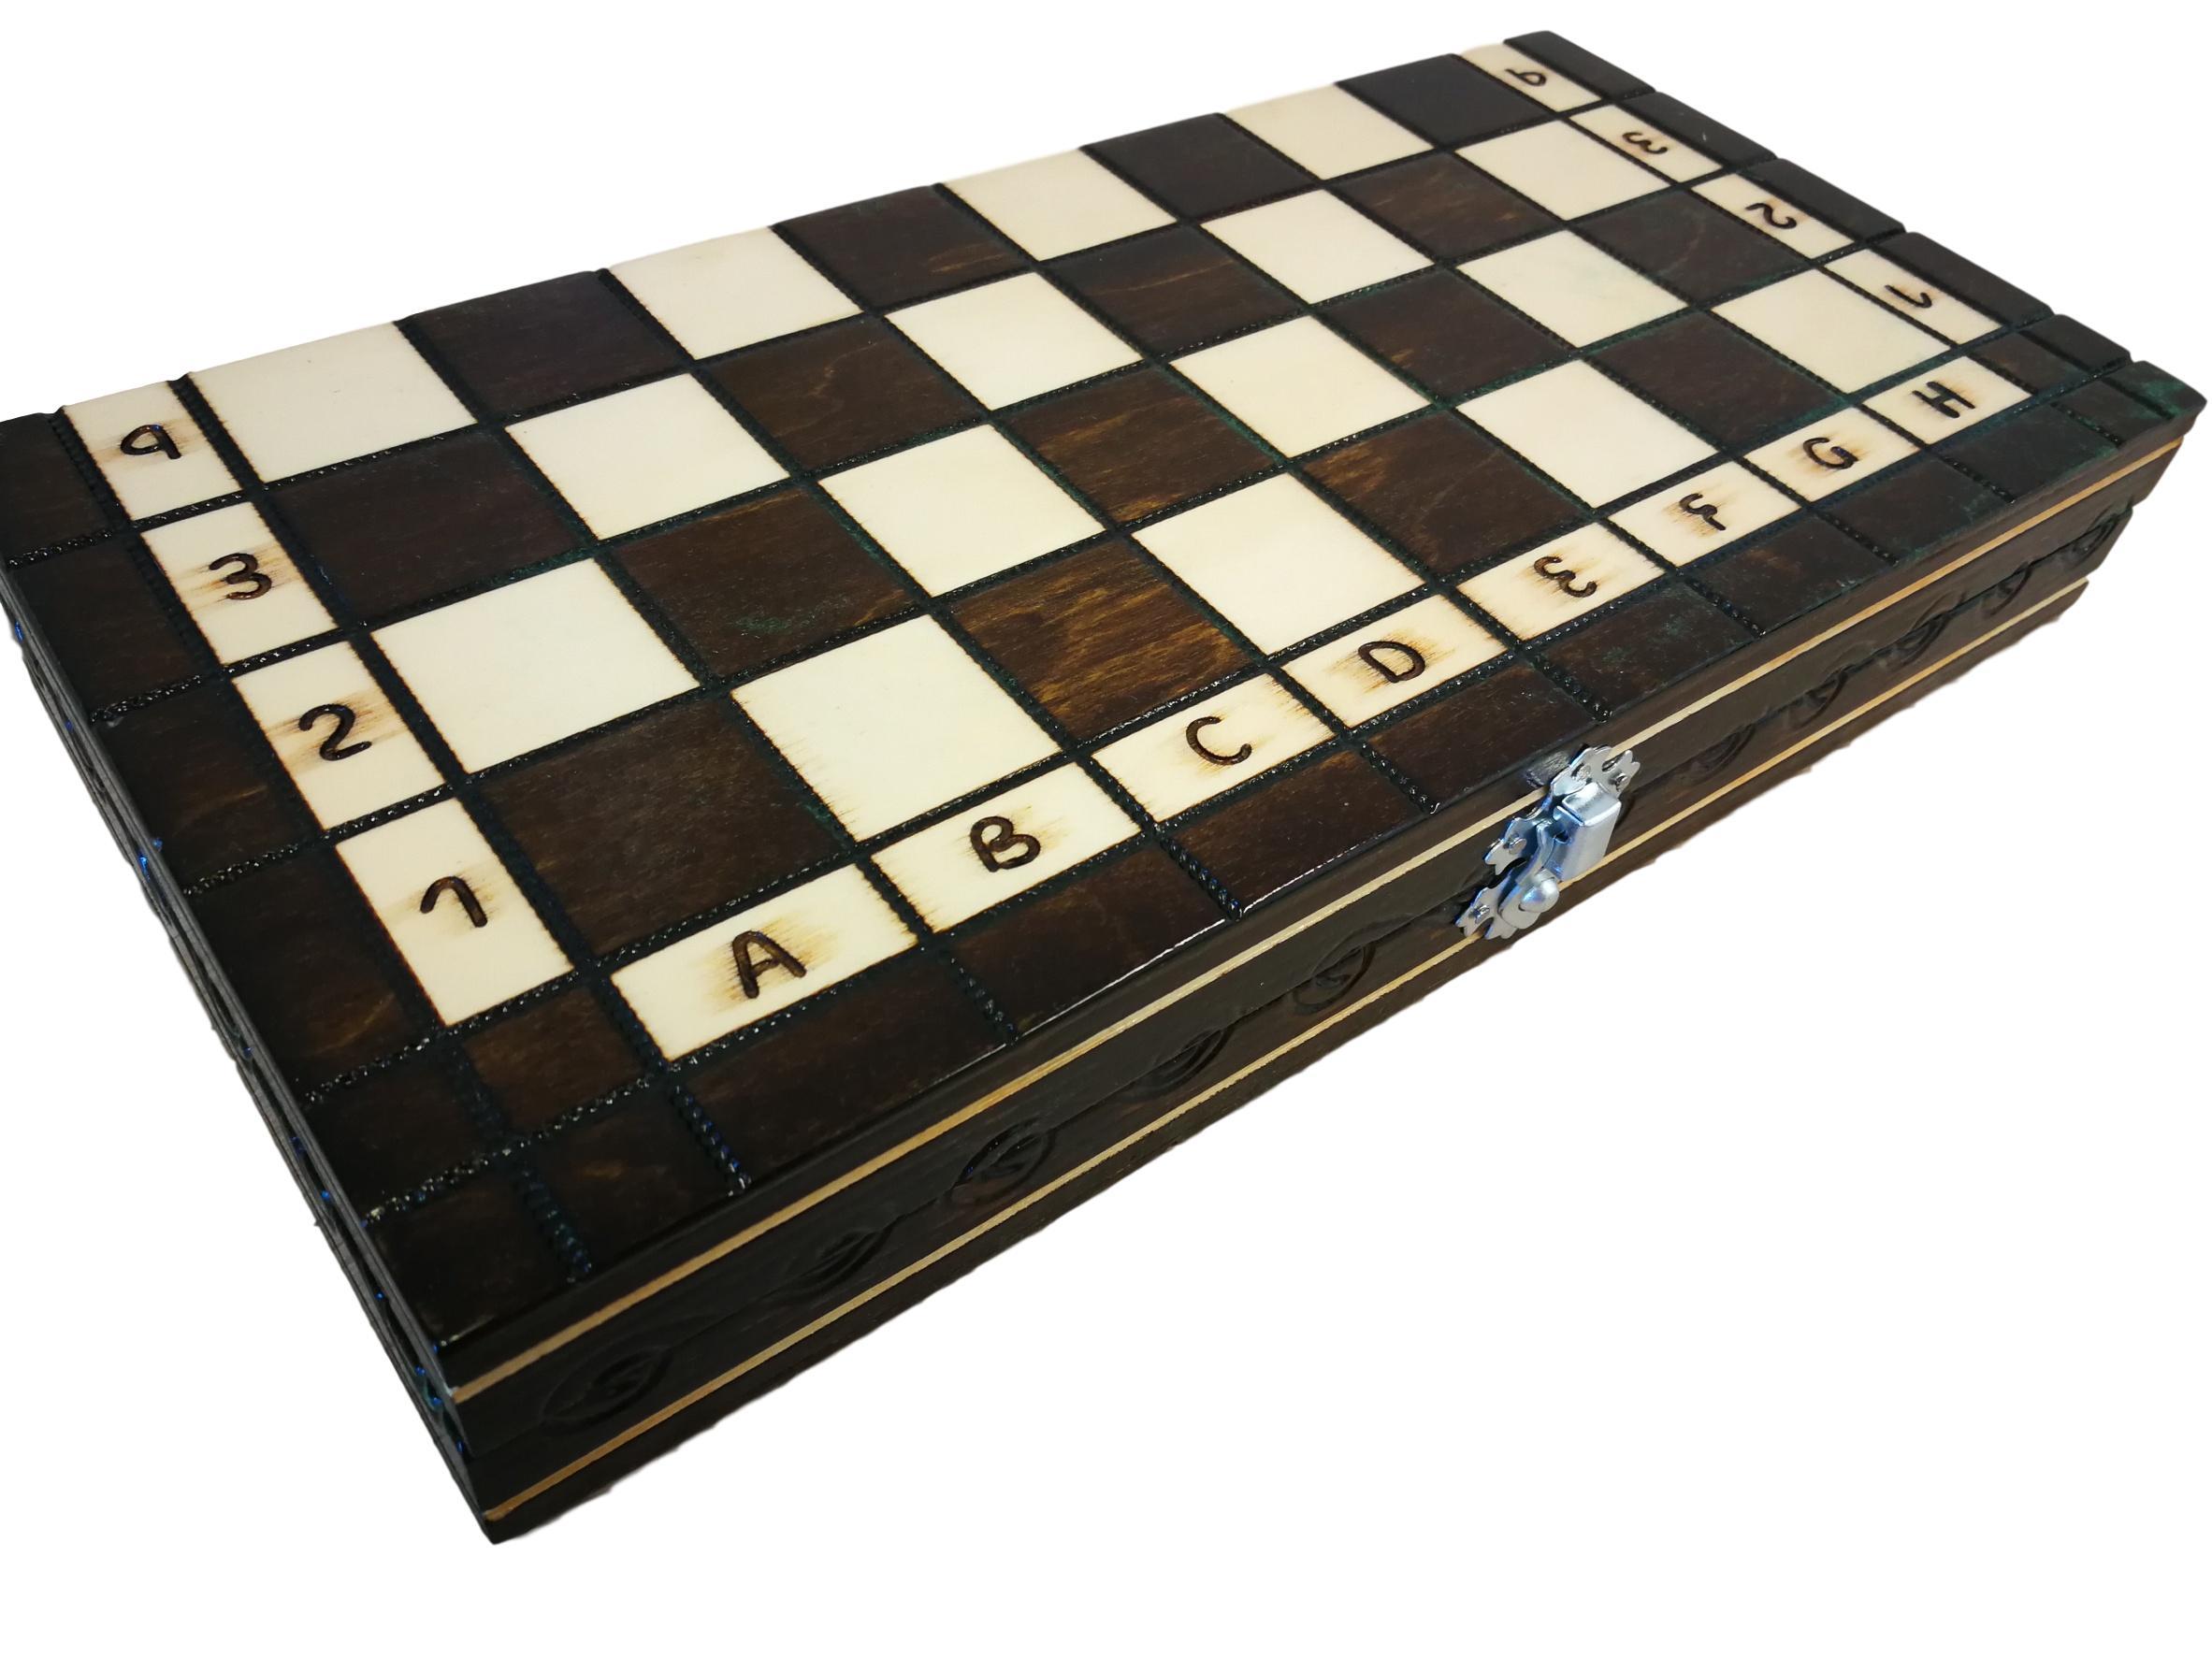 schachspiel schachbrett aus holz mit figuren edel handgefertigtes glanz 31x31 cm ebay. Black Bedroom Furniture Sets. Home Design Ideas